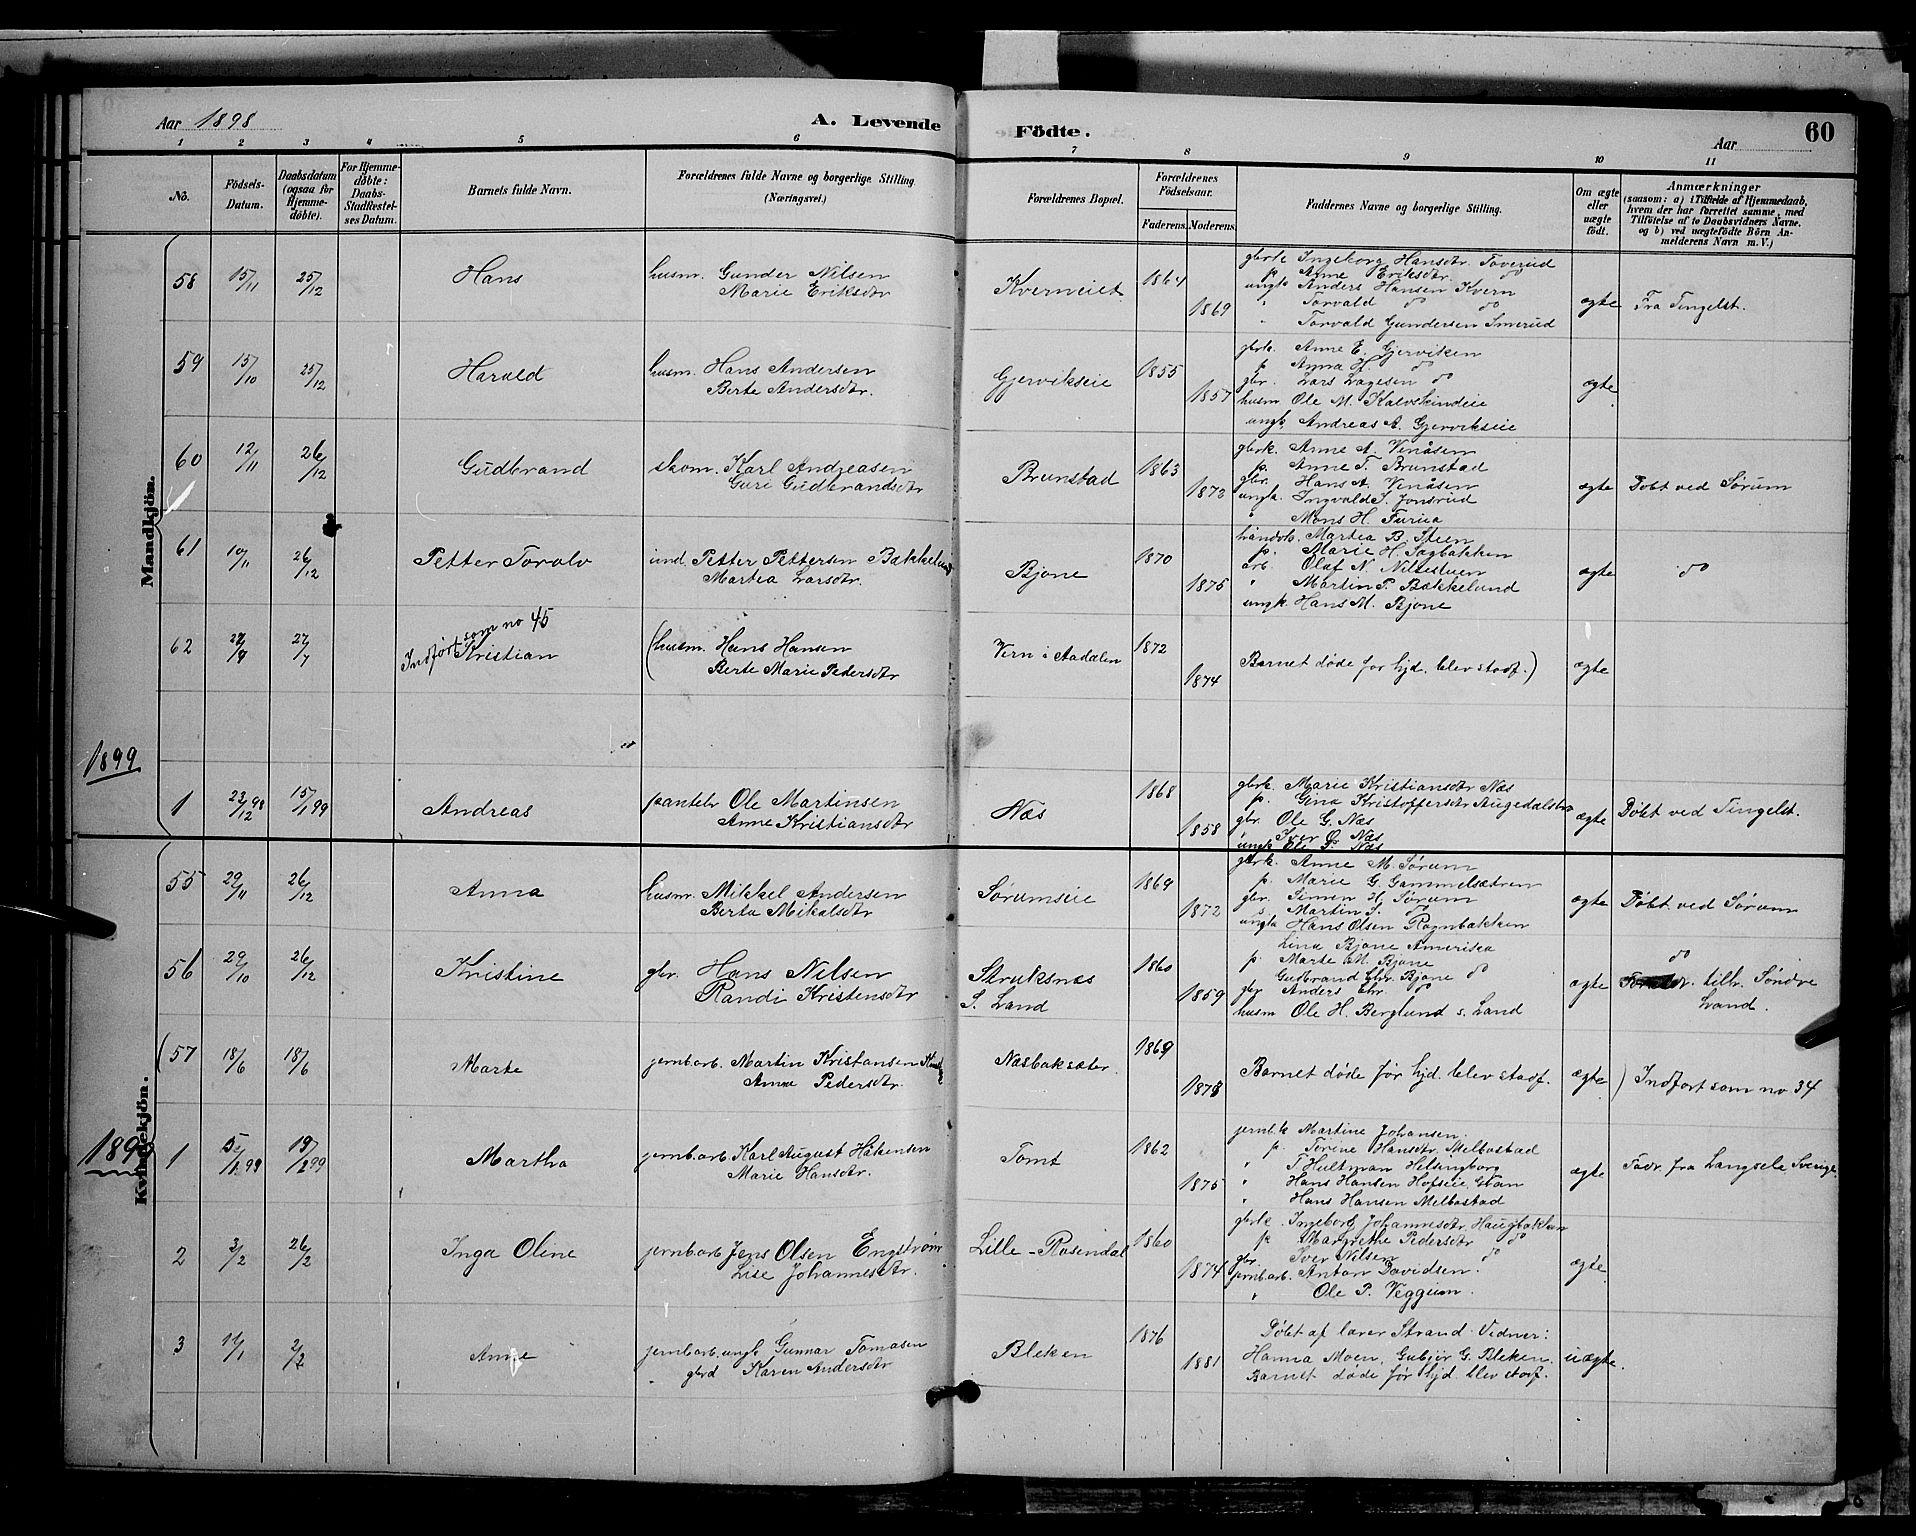 SAH, Gran prestekontor, Klokkerbok nr. 4, 1890-1899, s. 60